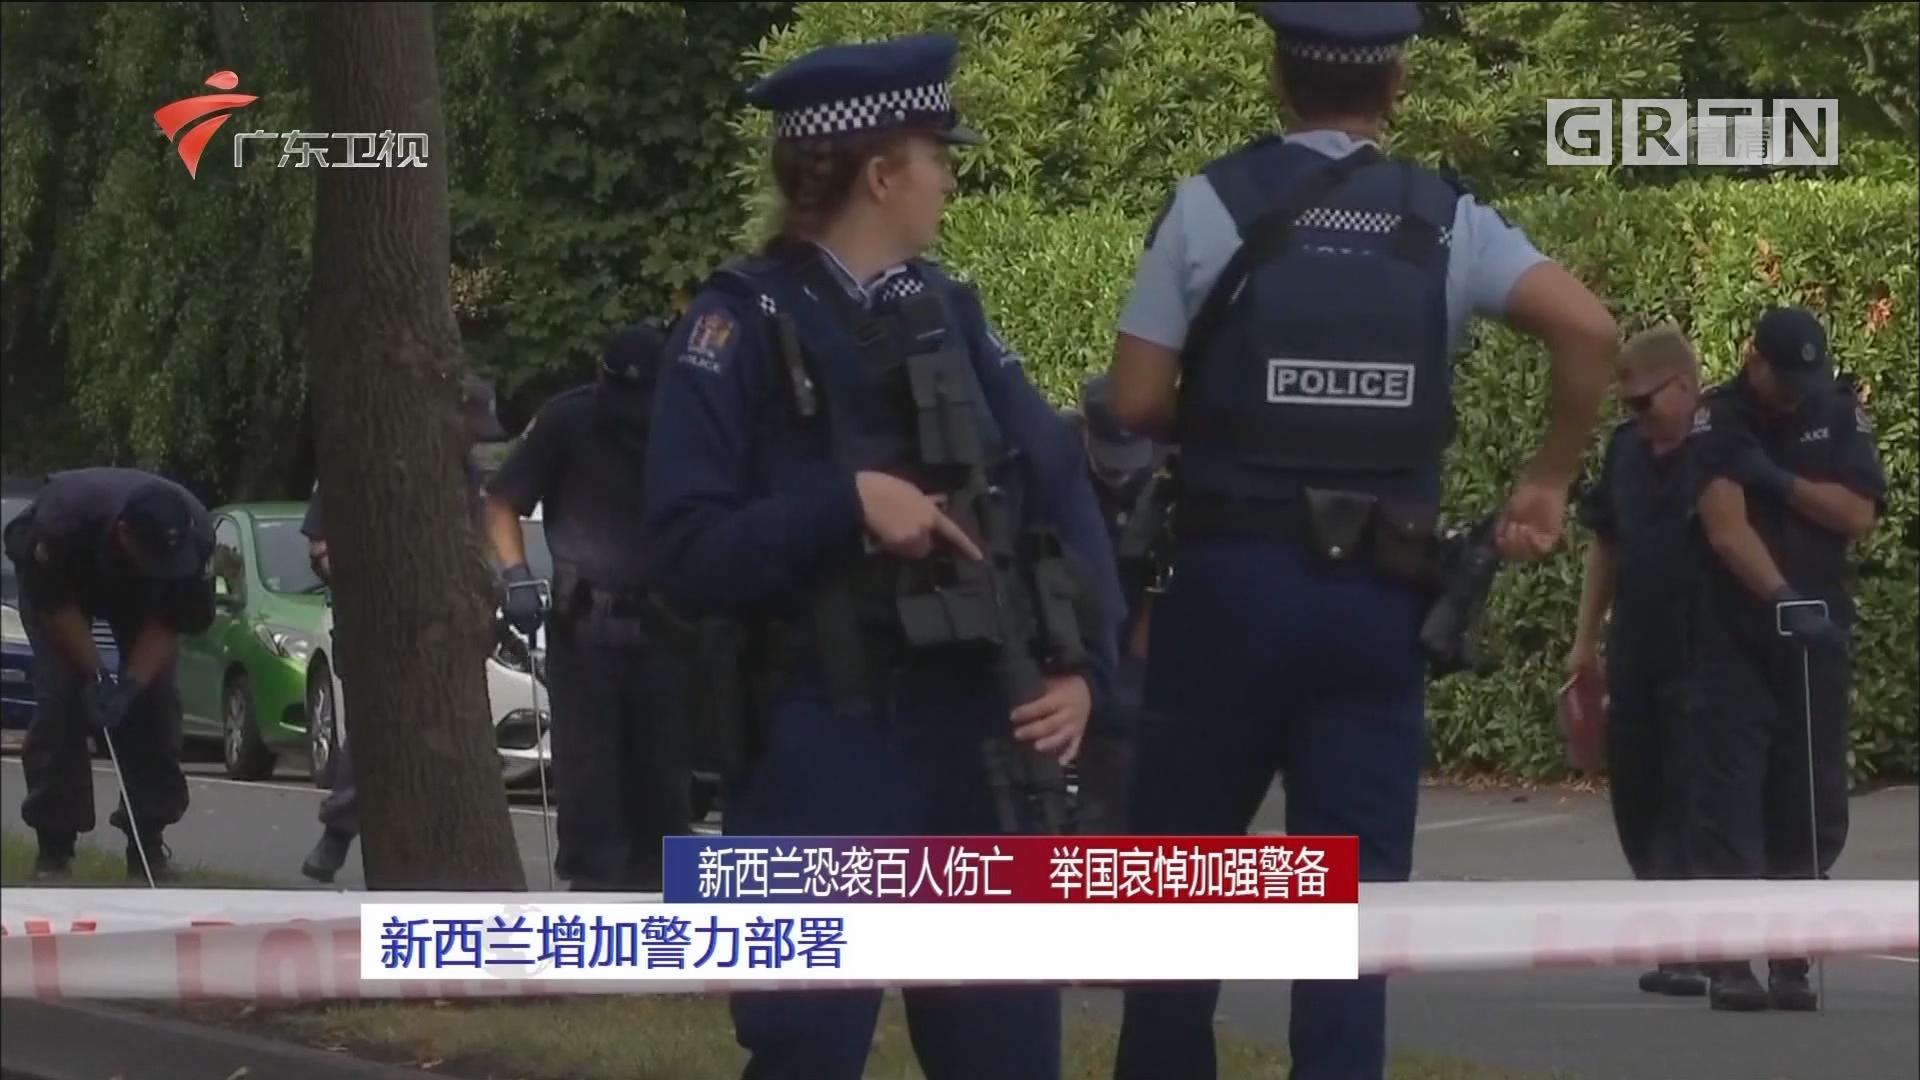 新西兰恐袭百人伤亡 举国哀悼加强警备:新西兰增加警方部署